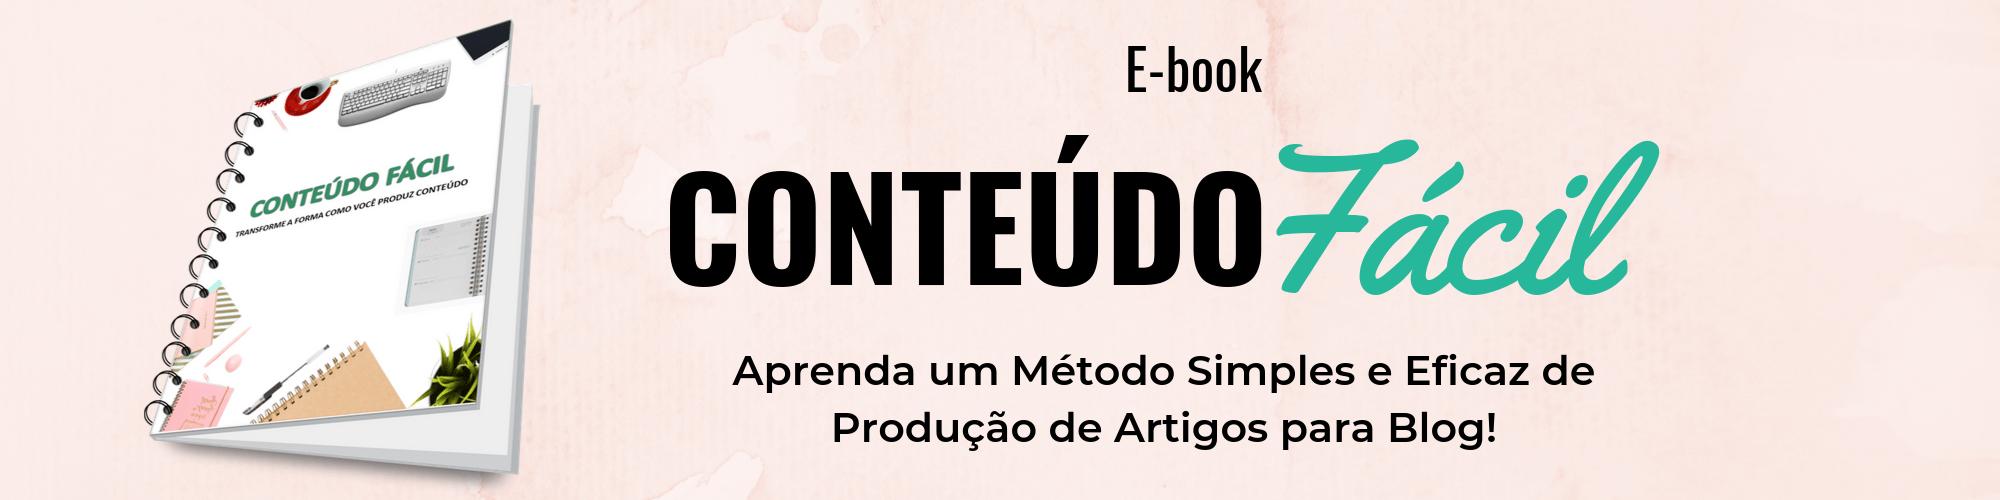 Conteúdo Fácil banner 1 - Conteúdo Fácil